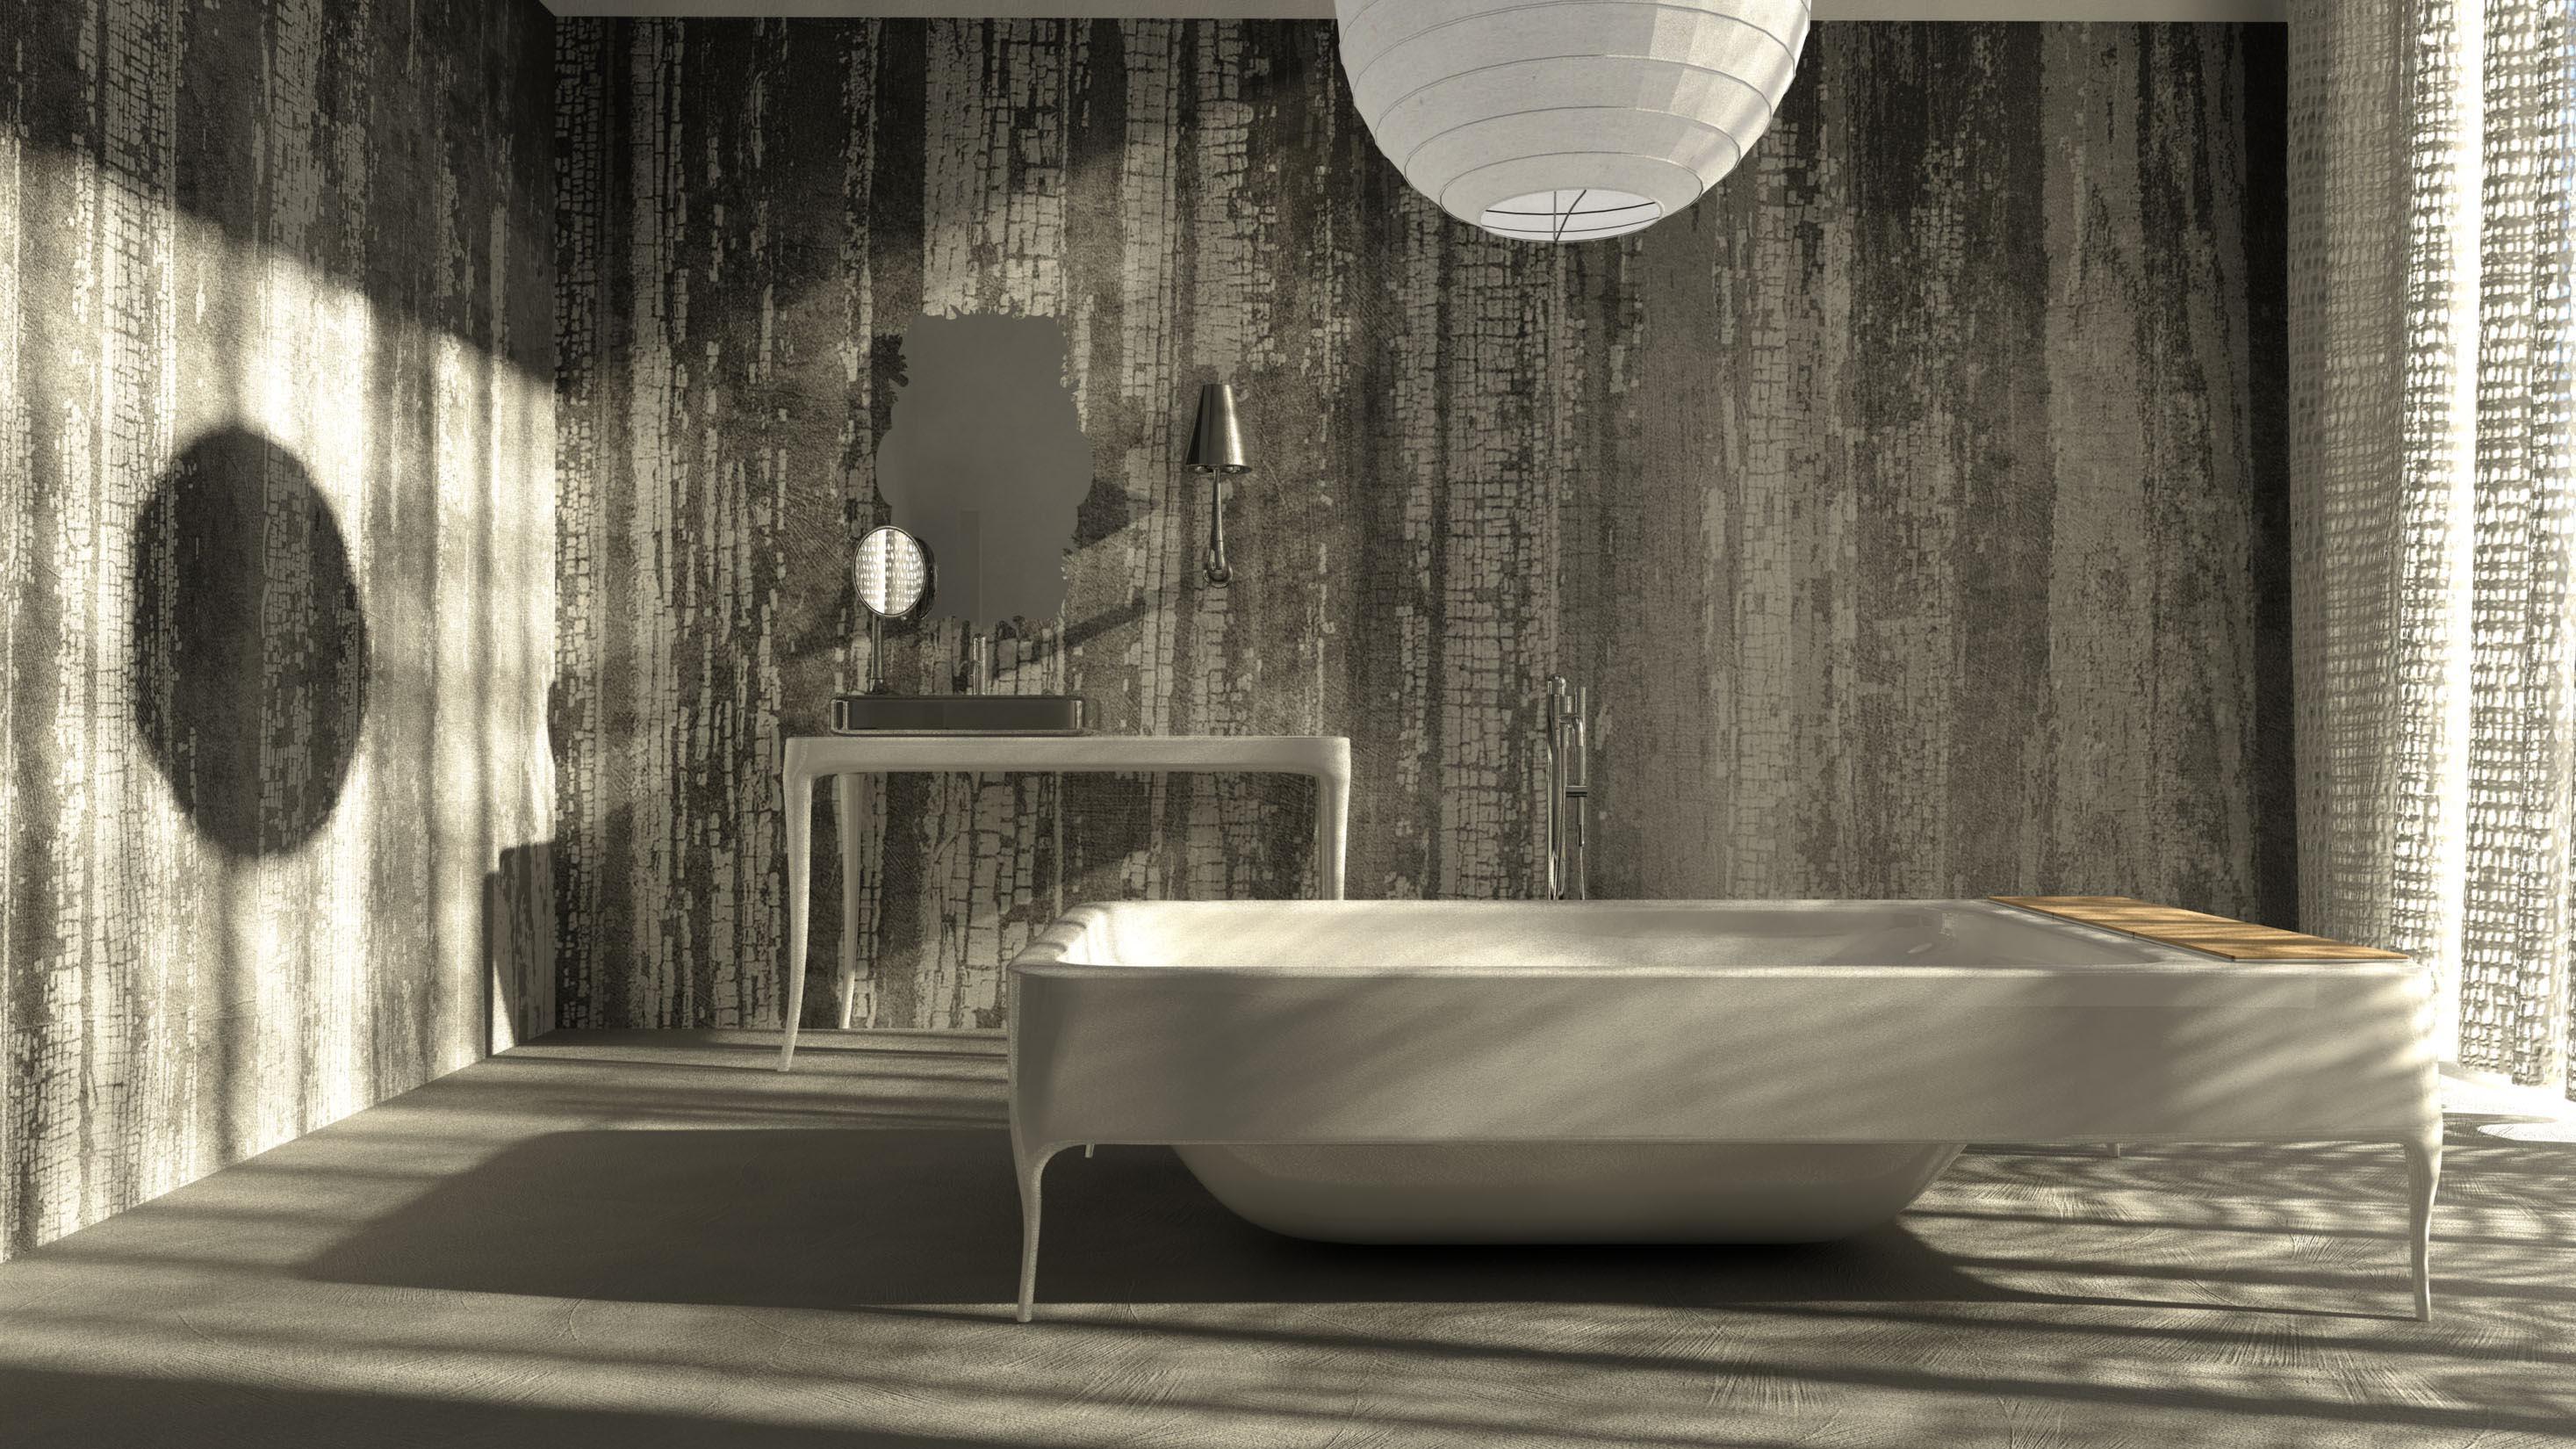 Progettazione bonetti gianfranco idrotermo sanitari for Planner bagno 3d